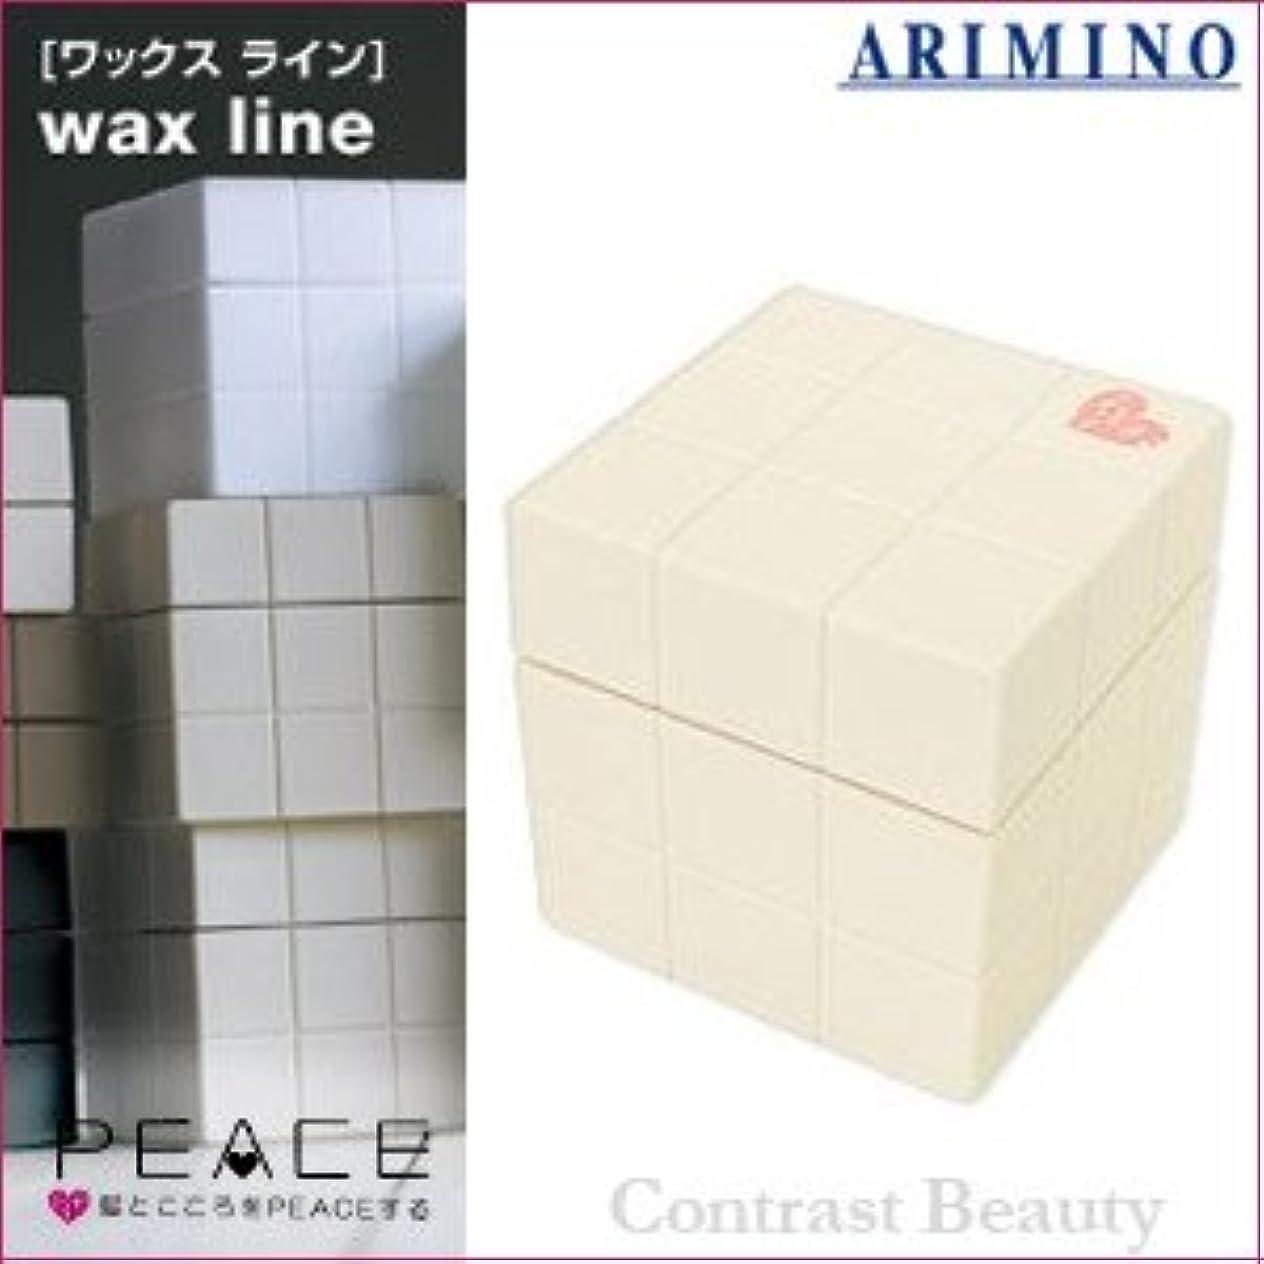 寄付バックアップのホスト【x3個セット】 アリミノ ピース プロデザインシリーズ ニュアンスワックス バニラ 80g